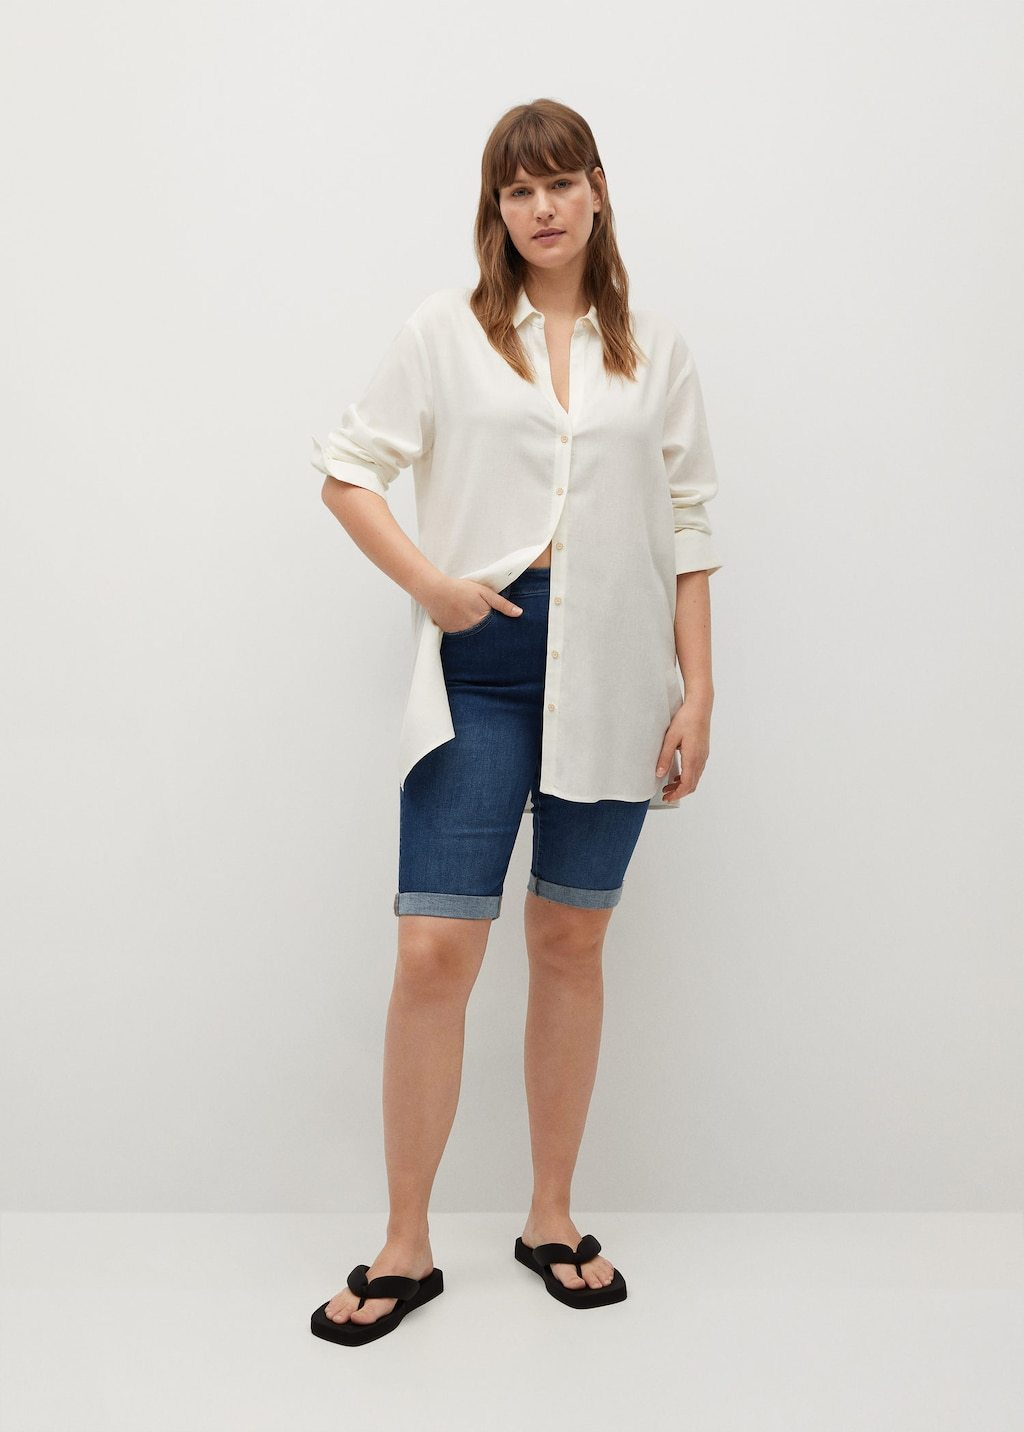 Bermuda en jean slim-fit, Violeta, 39,99€.